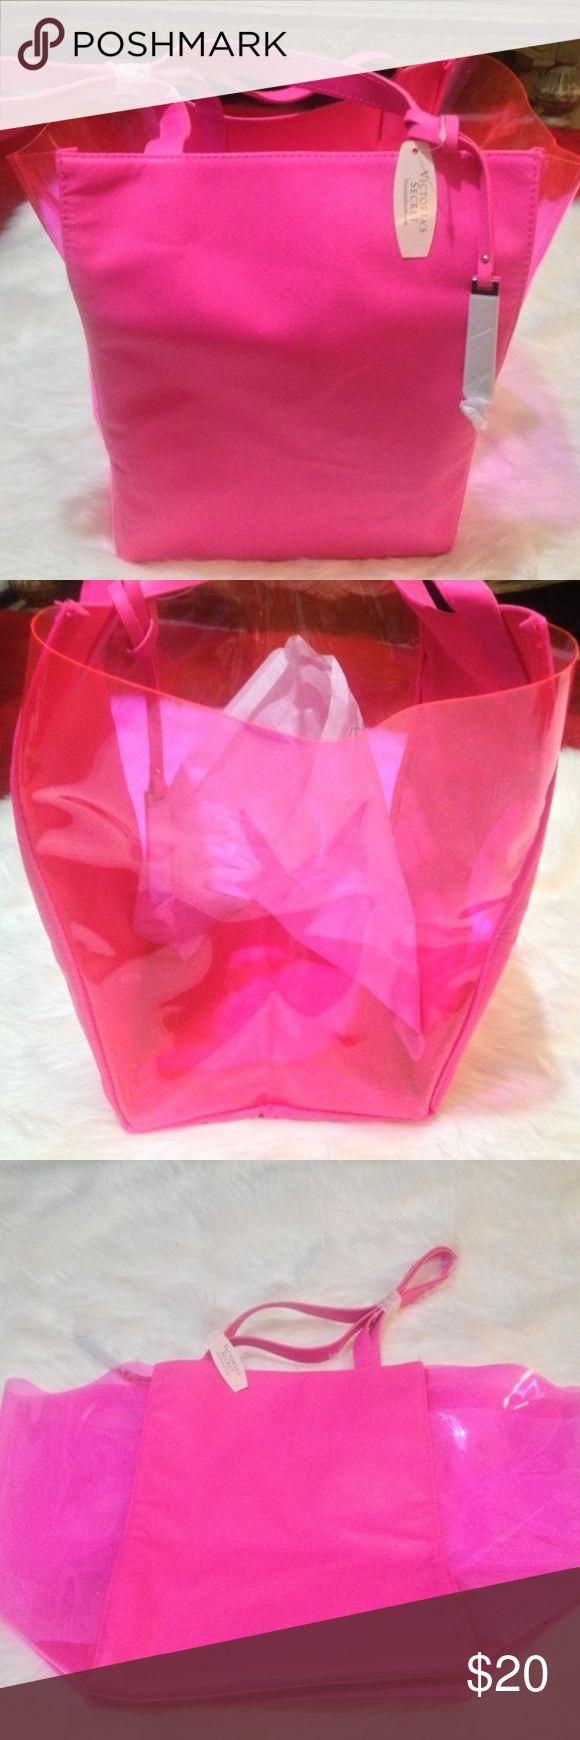 NWT Victoria's Secret clear and vinyl pink tote NWT Victoria's Secret clear and vinyl pink tote Victoria's Secret Bags Totes